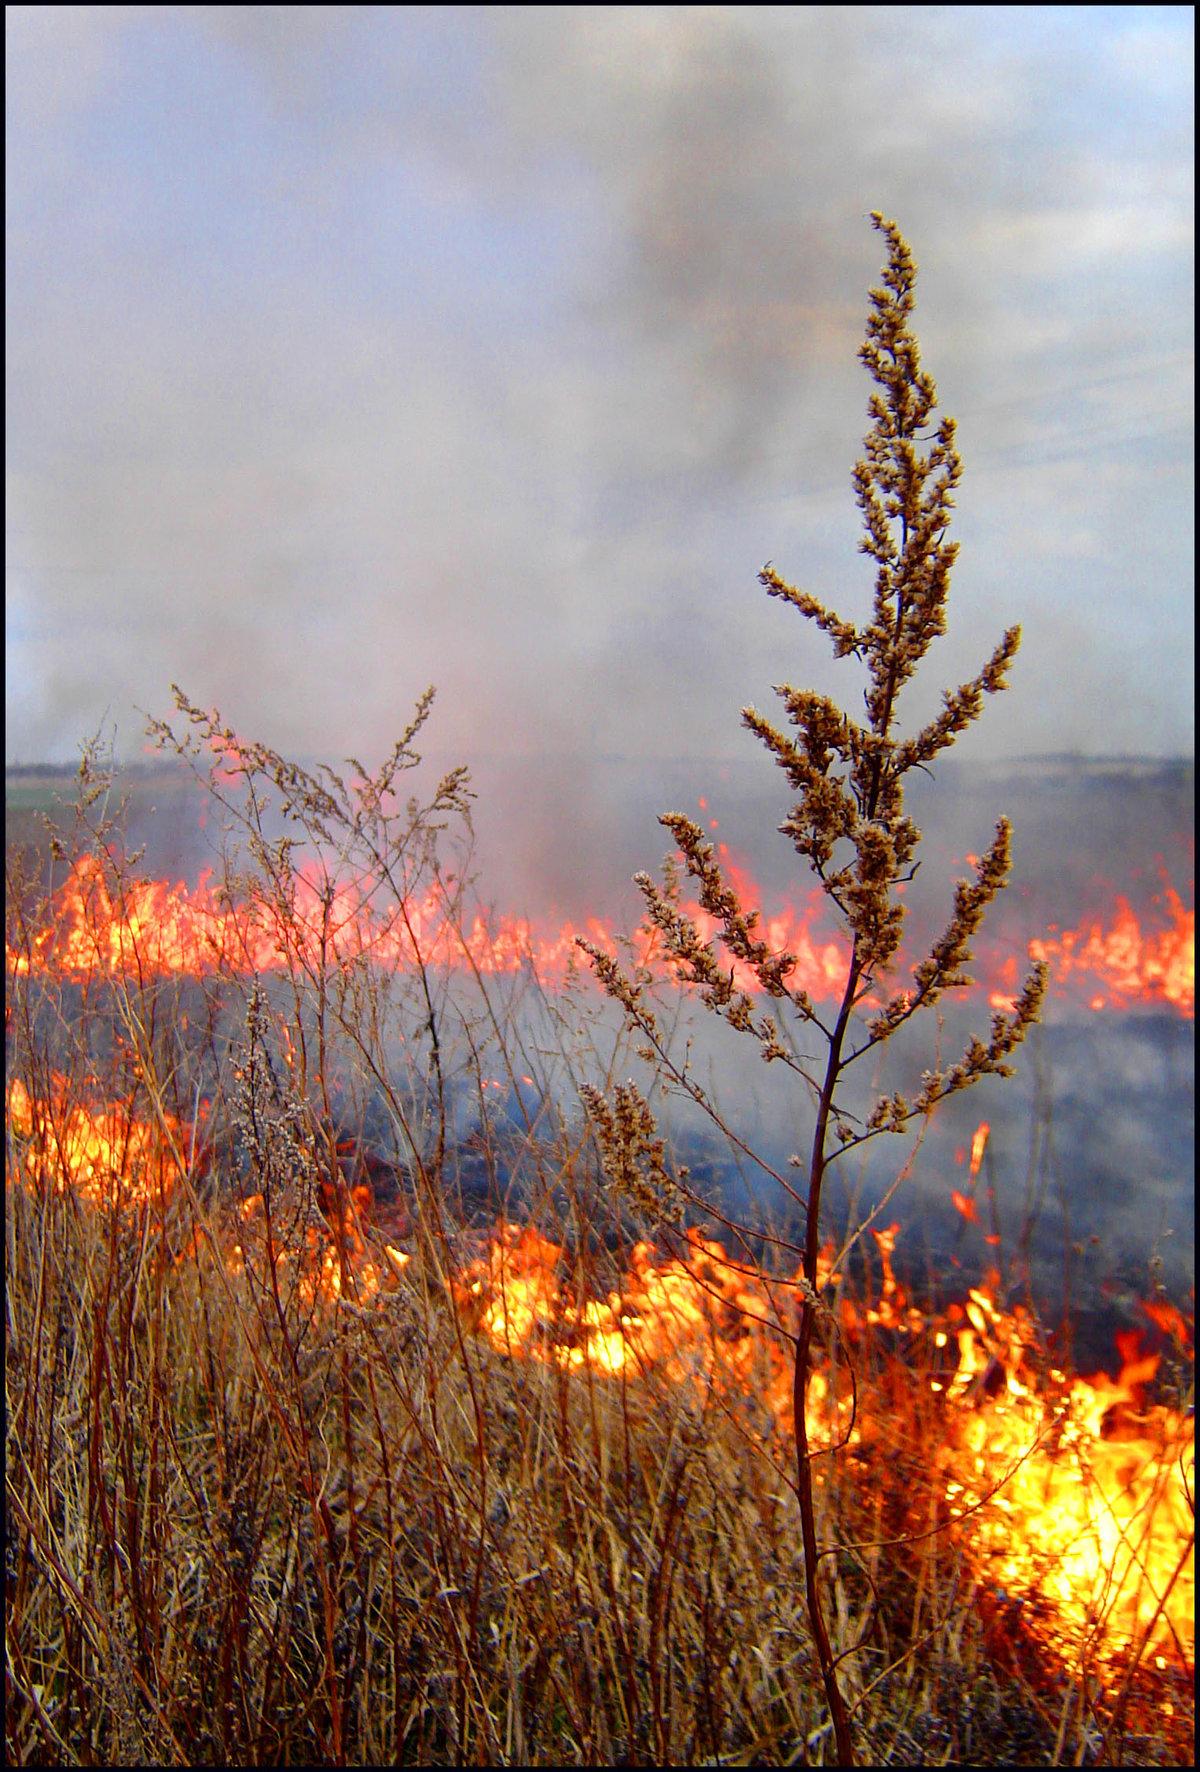 картинка степного пожара митрофанова еще